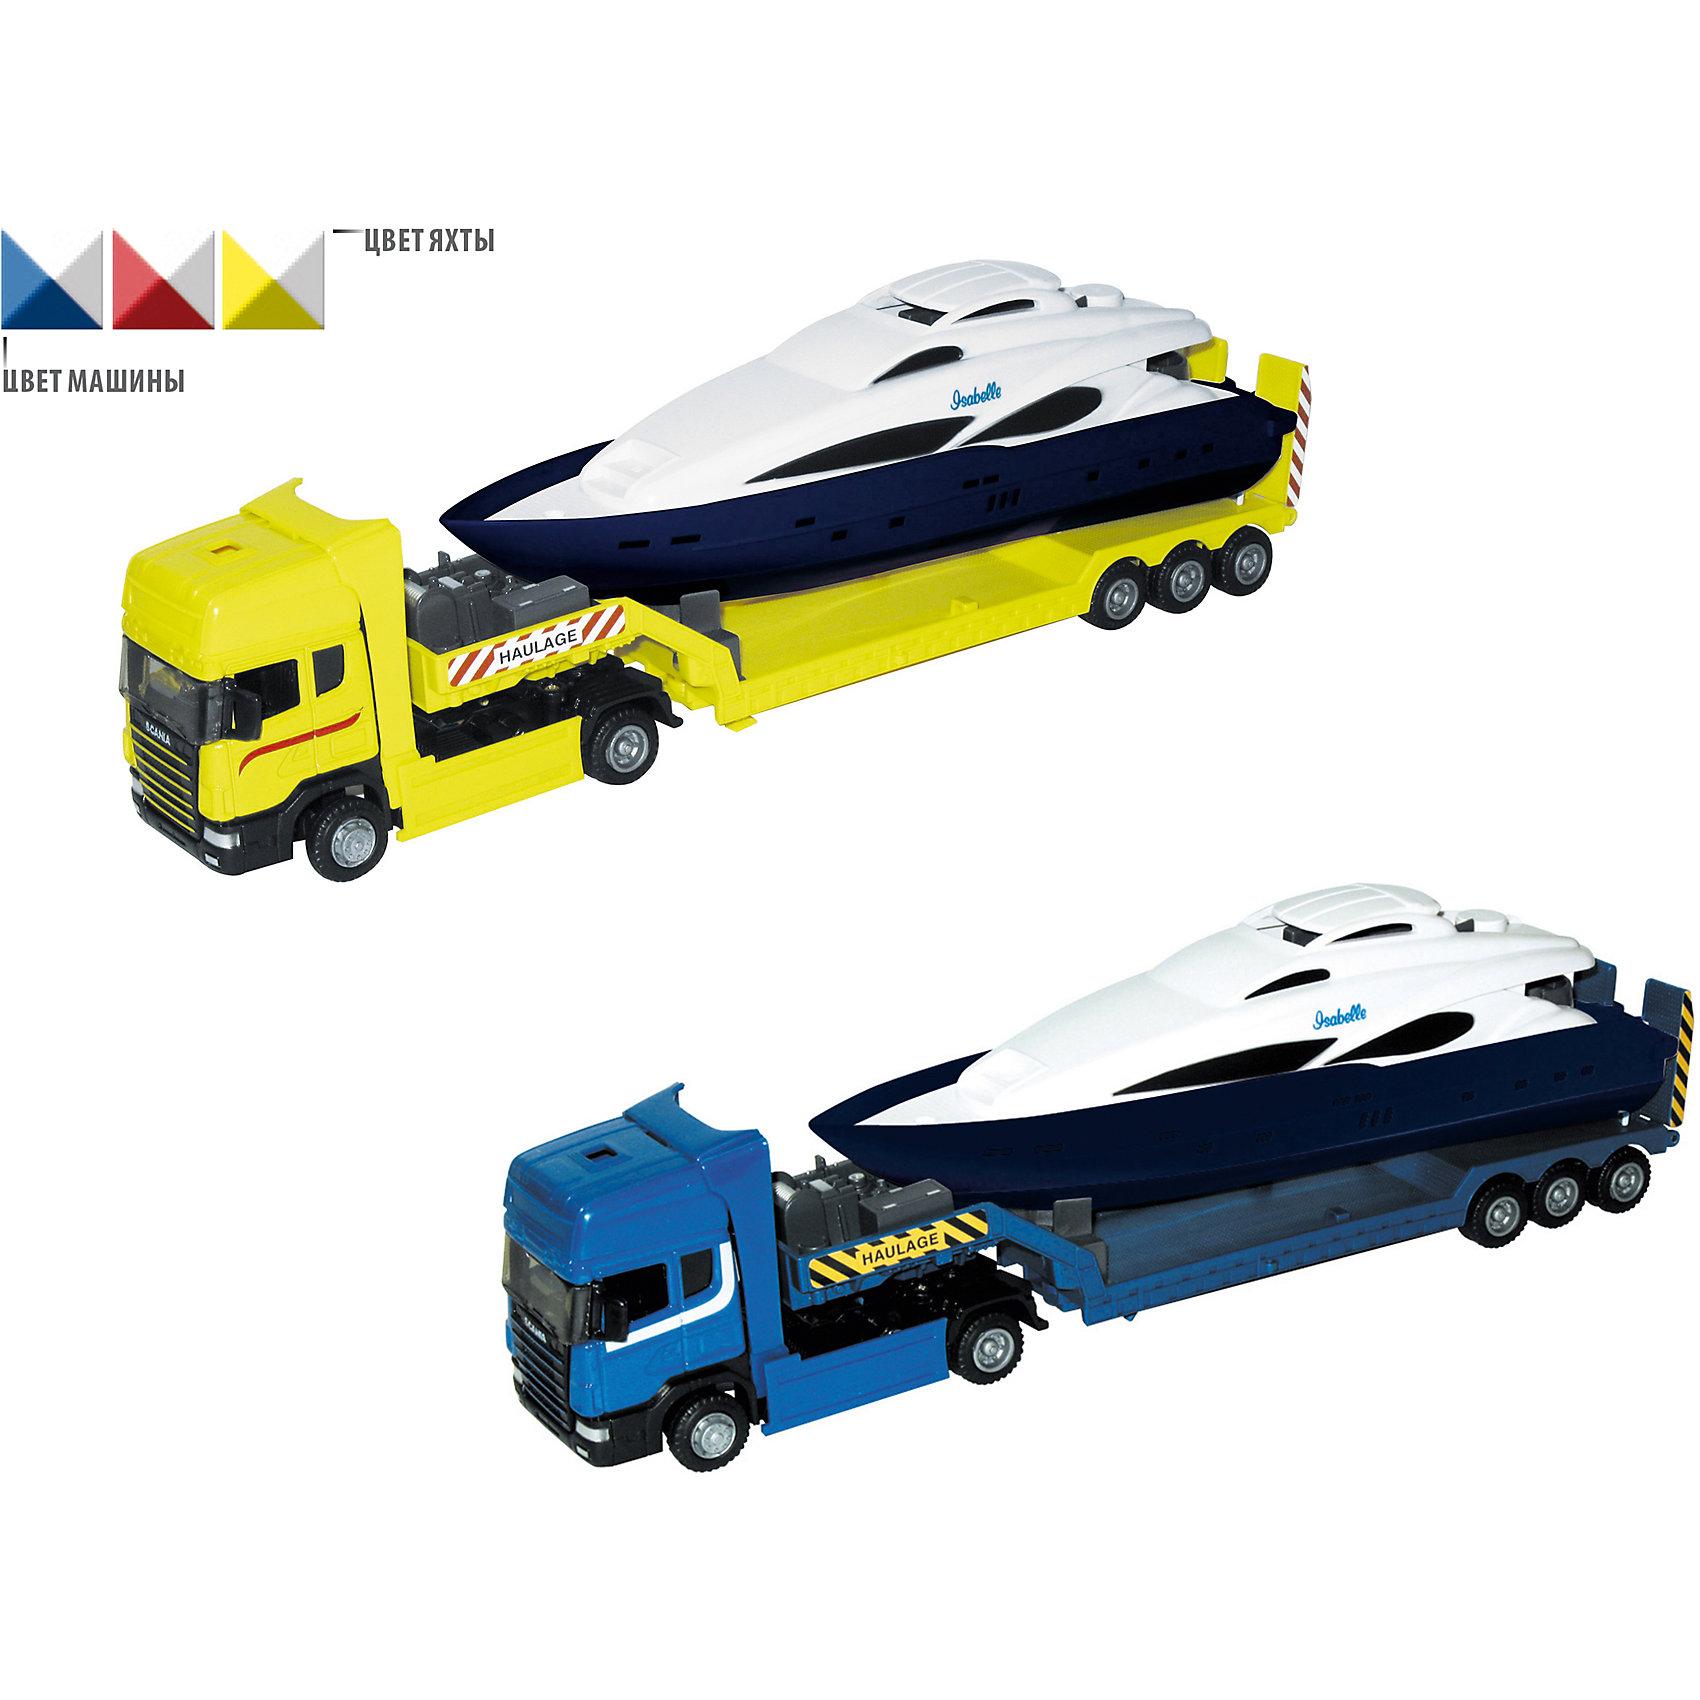 Машинка Scania с яхтой 1:48, AutotimeМашинки<br>Характеристики товара:<br><br>• цвет: в ассортименте<br>• возраст: от 3 лет<br>• материал: металл, пластик<br>• масштаб: 1:48<br>• яхта в комплекте<br>• инерционный механизм<br>• колеса вращаются<br>• размер упаковки: 35х6х11 см<br>• вес с упаковкой: 300 г<br>• страна бренда: Россия, Китай<br>• страна изготовитель: Китай<br><br>Эта машинка представляет собой миниатюрную копию грузовой машины с яхтой. Она отличается высокой детализацией, является коллекционной моделью. <br><br>Сделана машинка из прочного и безопасного материала. Корпус - из металла и пластика. <br><br>Машинку «Scania с яхтой 1:48», Autotime (Автотайм) можно купить в нашем интернет-магазине.<br><br>Ширина мм: 362<br>Глубина мм: 114<br>Высота мм: 146<br>Вес г: 15<br>Возраст от месяцев: 36<br>Возраст до месяцев: 2147483647<br>Пол: Мужской<br>Возраст: Детский<br>SKU: 5584139